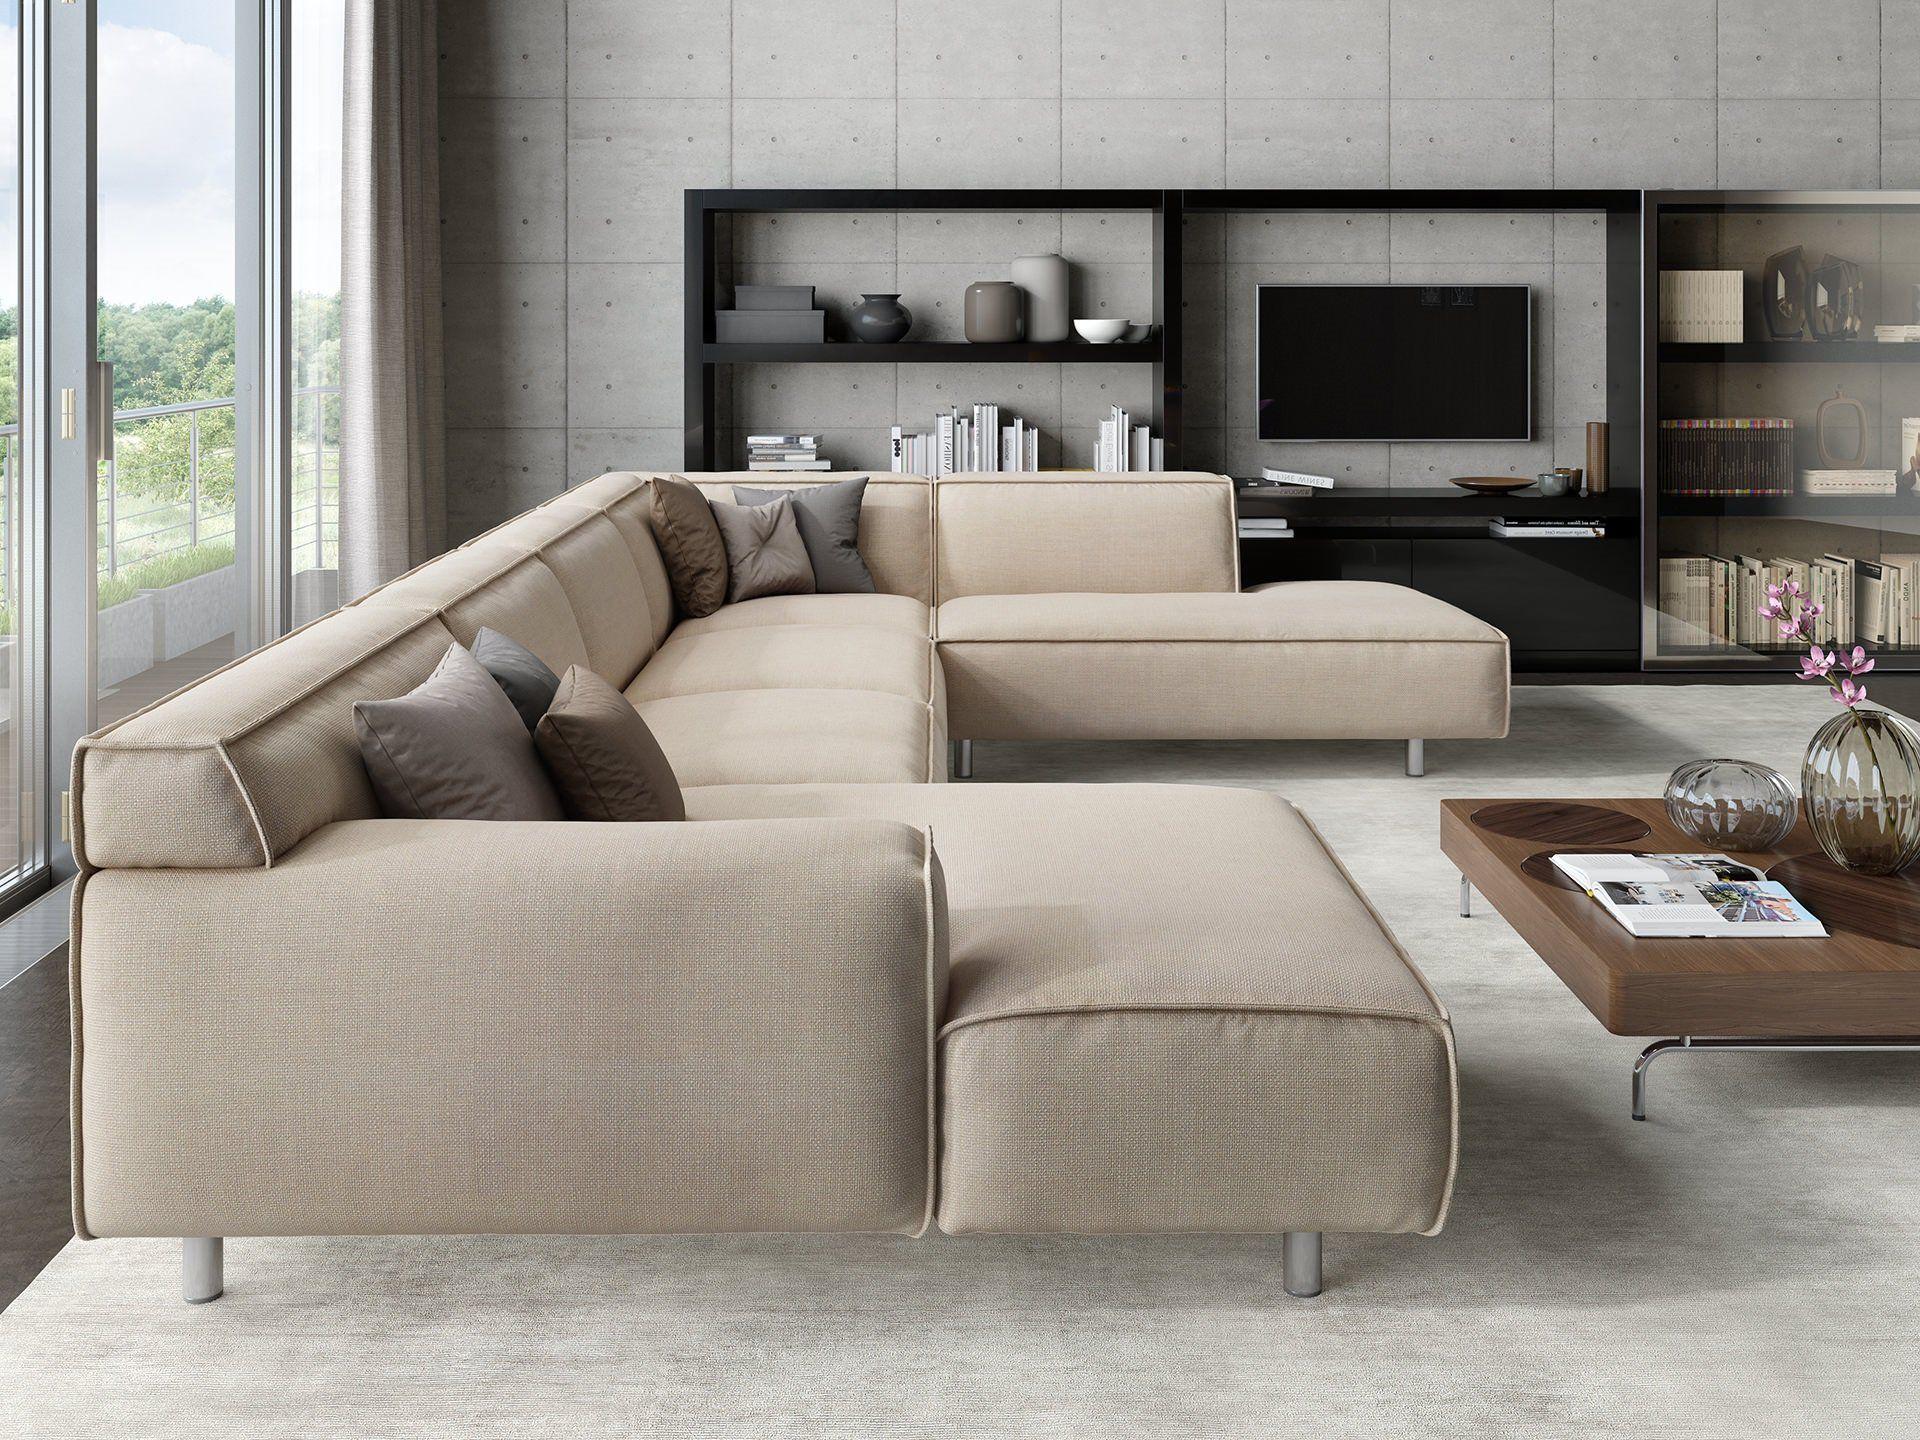 Stoff Sofa Roletto U Form Kaufen Sofanella Wohnen Haus Deko